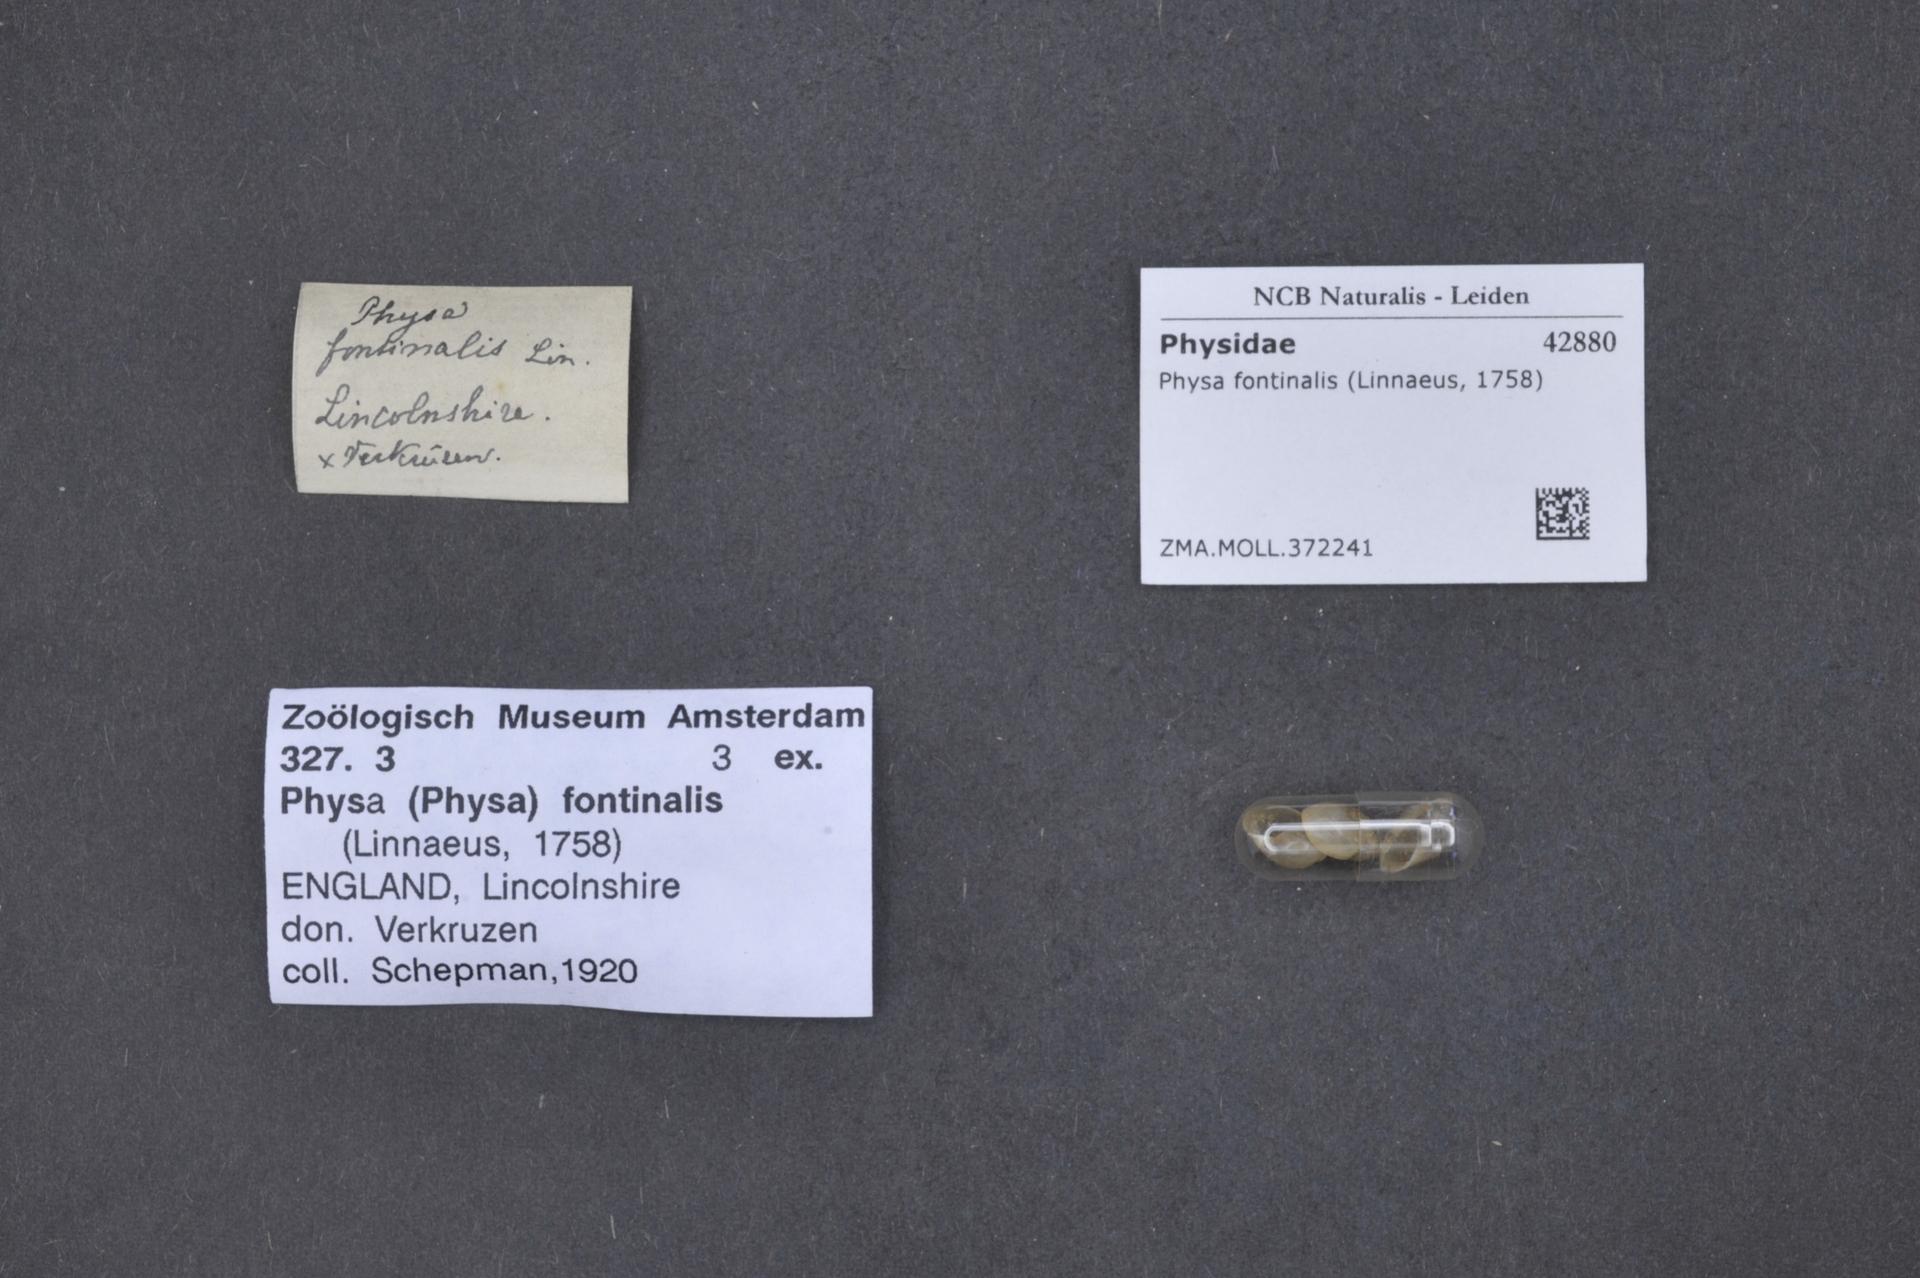 ZMA.MOLL.372241 | Physa fontinalis Linnaeus, 1758